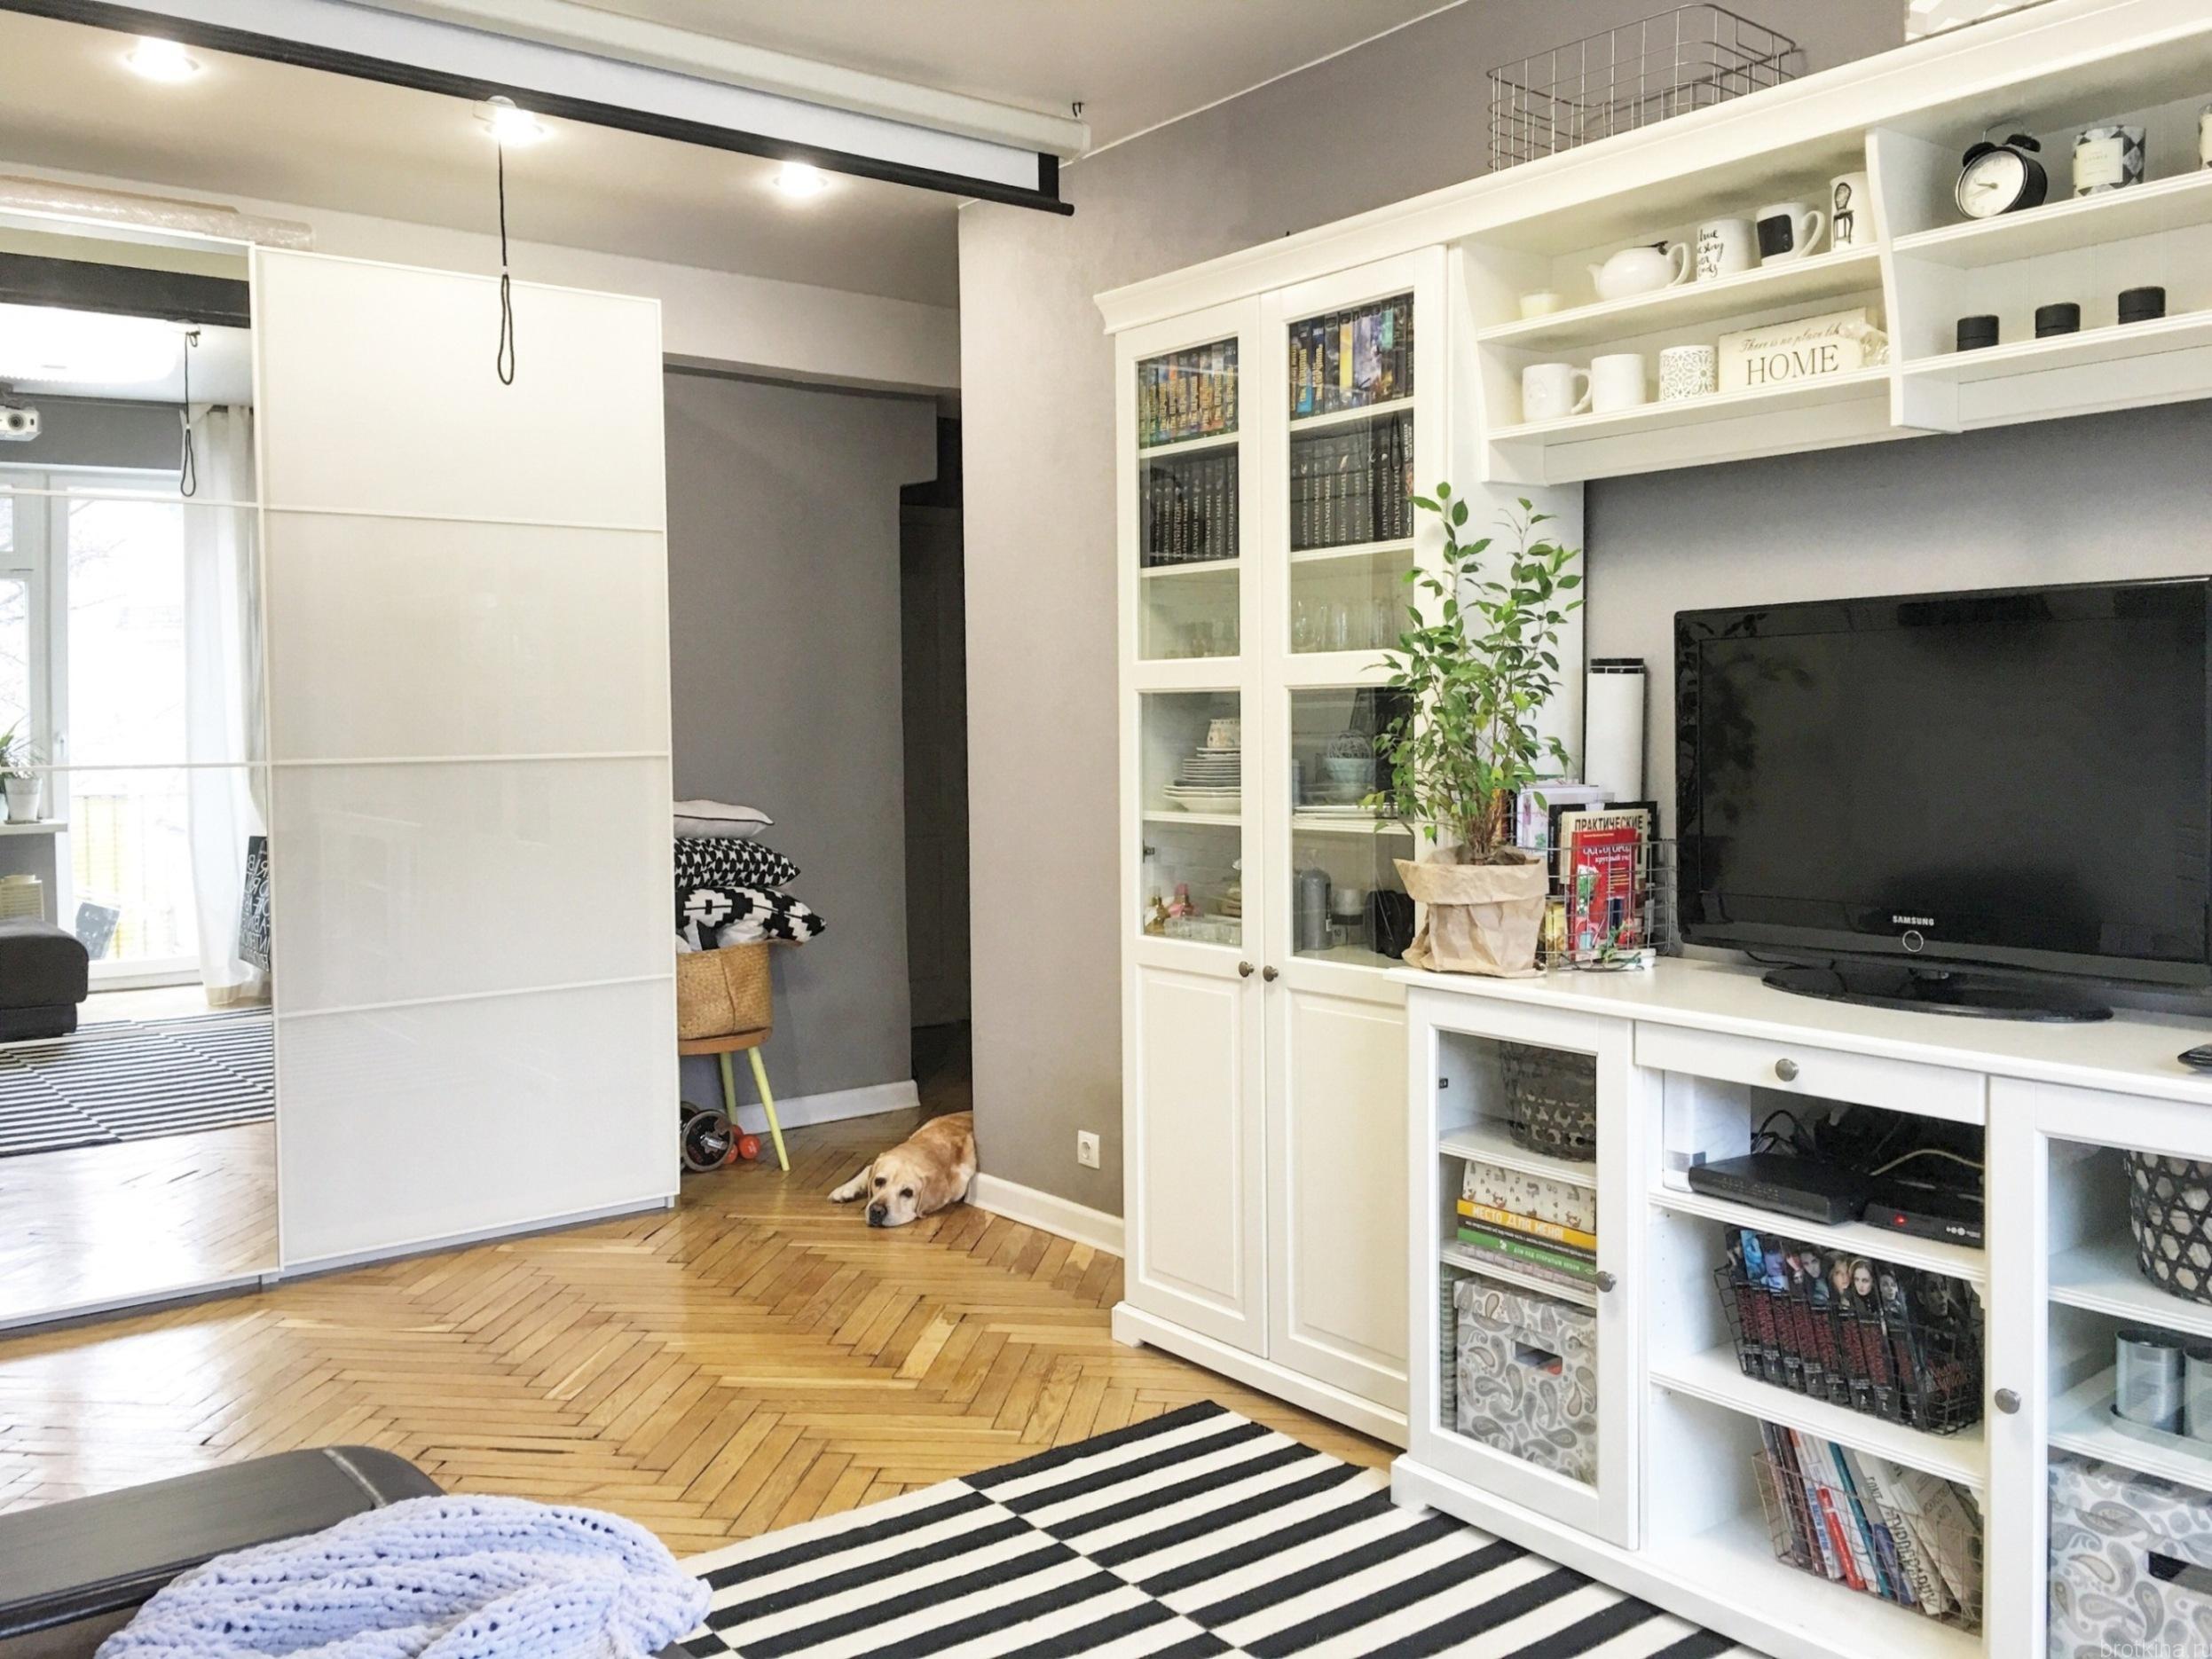 Моя квартира в скандинавском стиле 2016